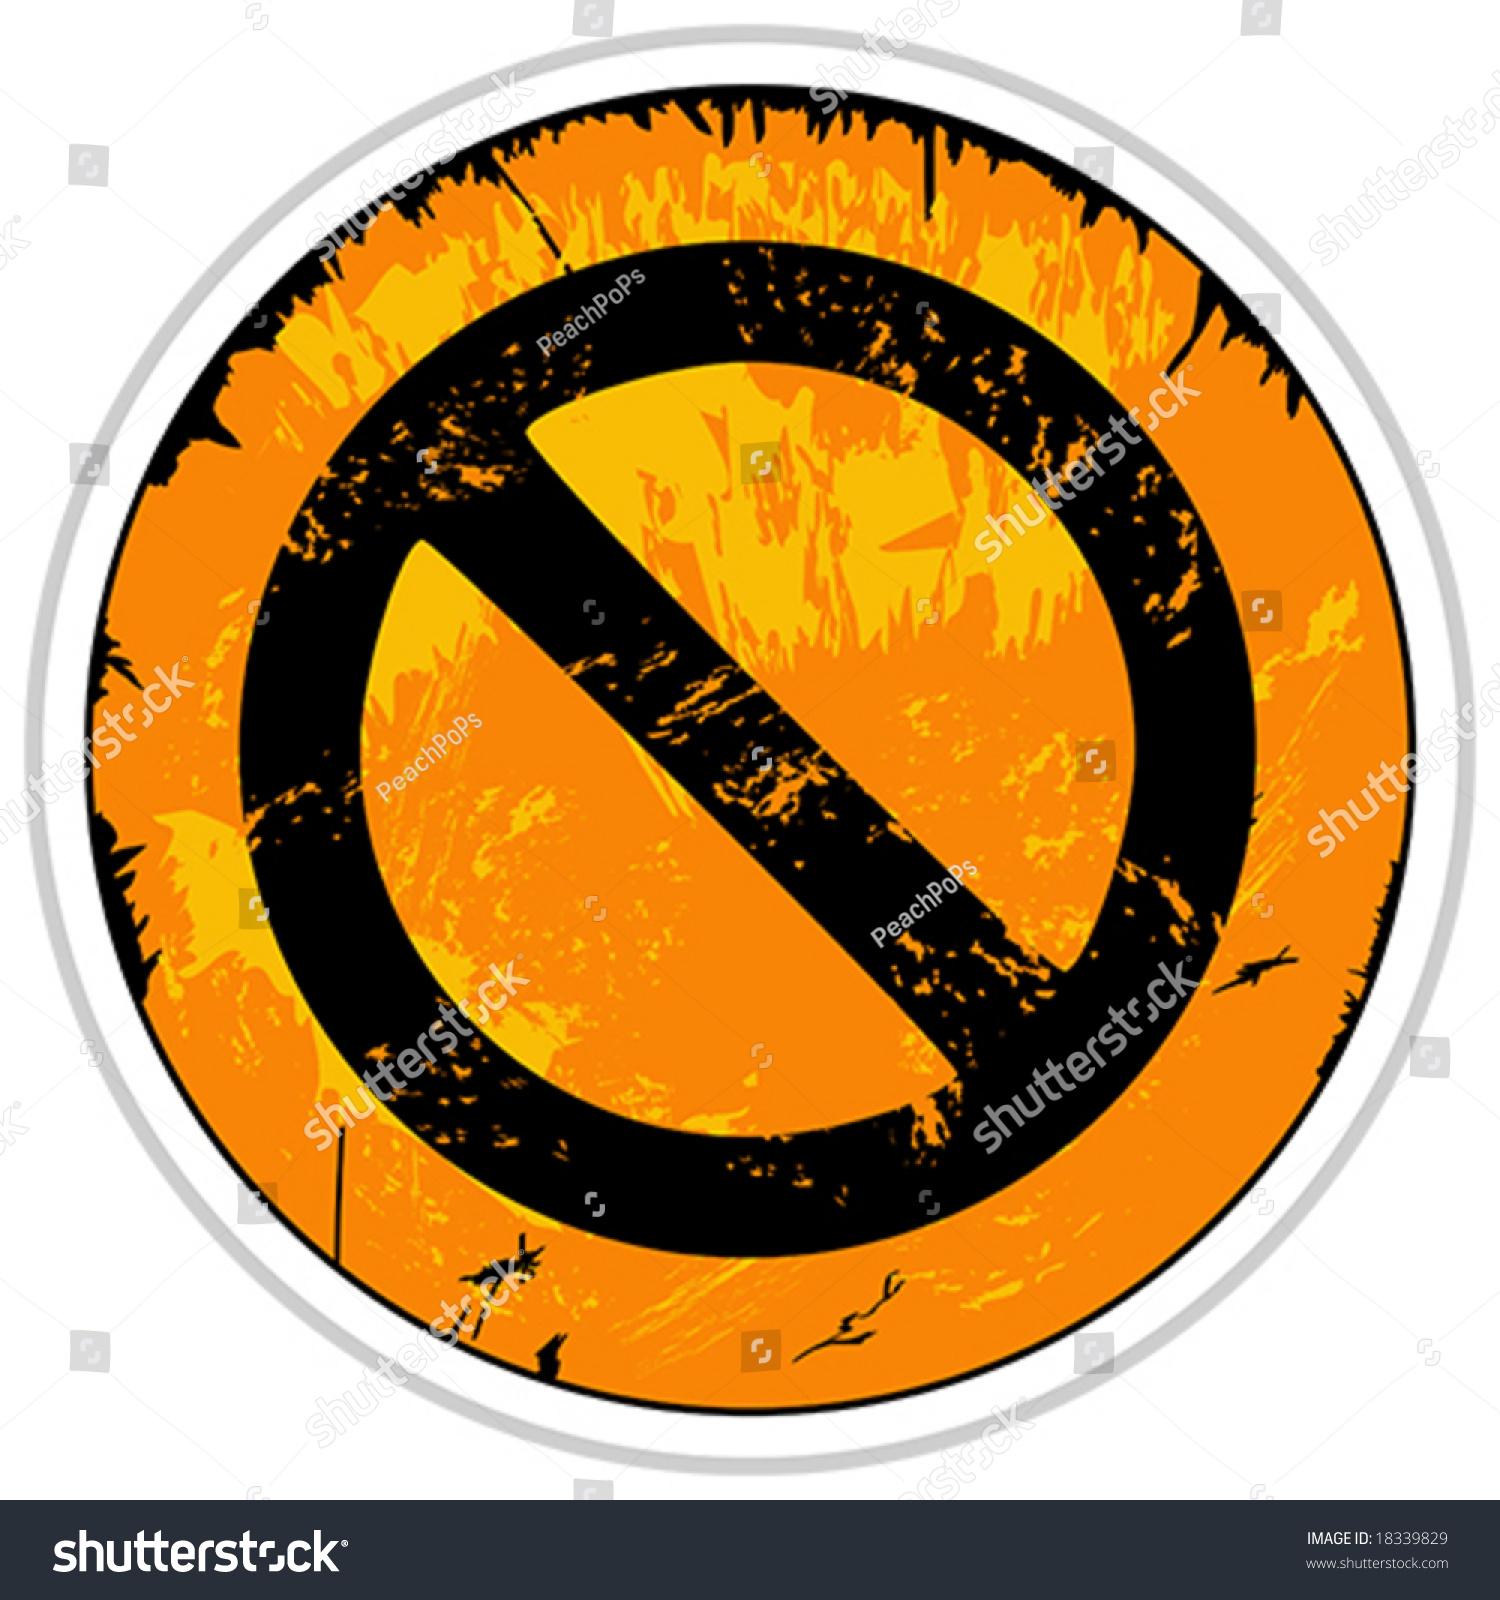 矢量橙色垃圾删除按钮图标-插图/剪贴图,符号/标志-()